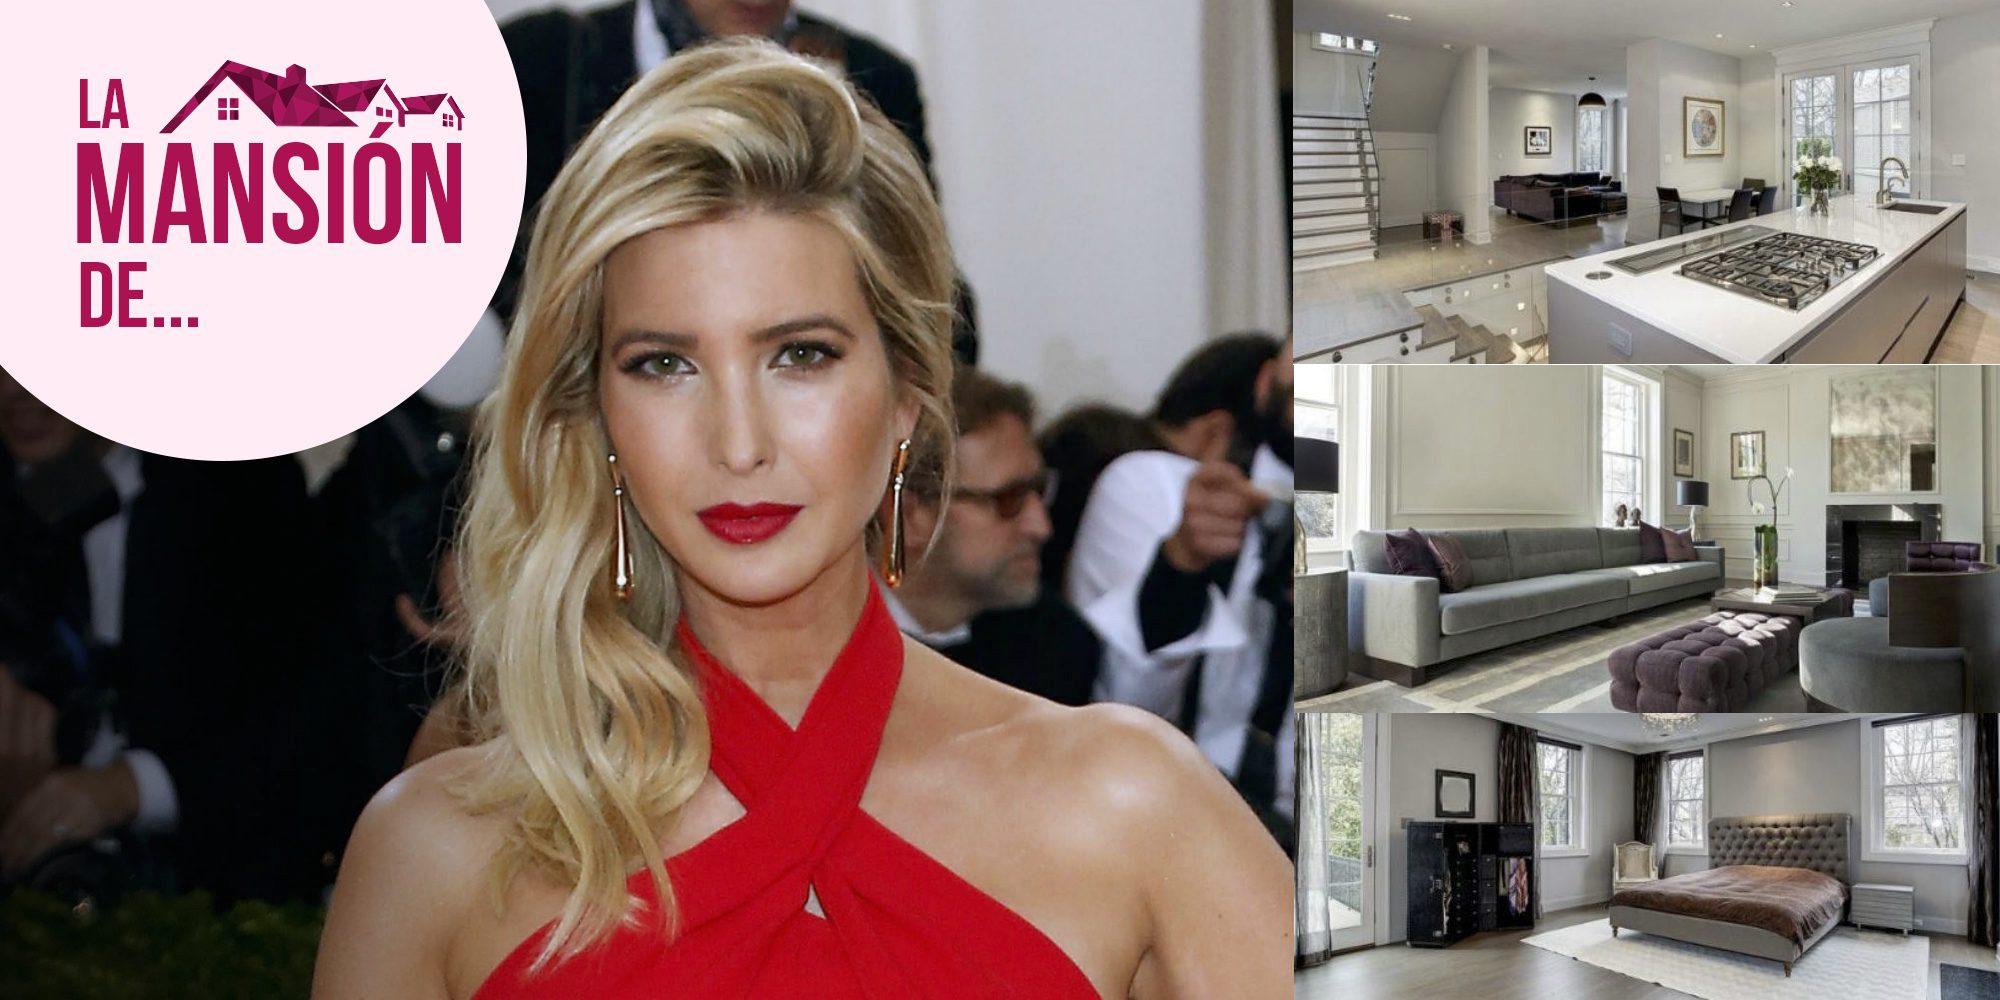 Descubre la nueva y millonaria mansión de Ivanka Trump en Washington